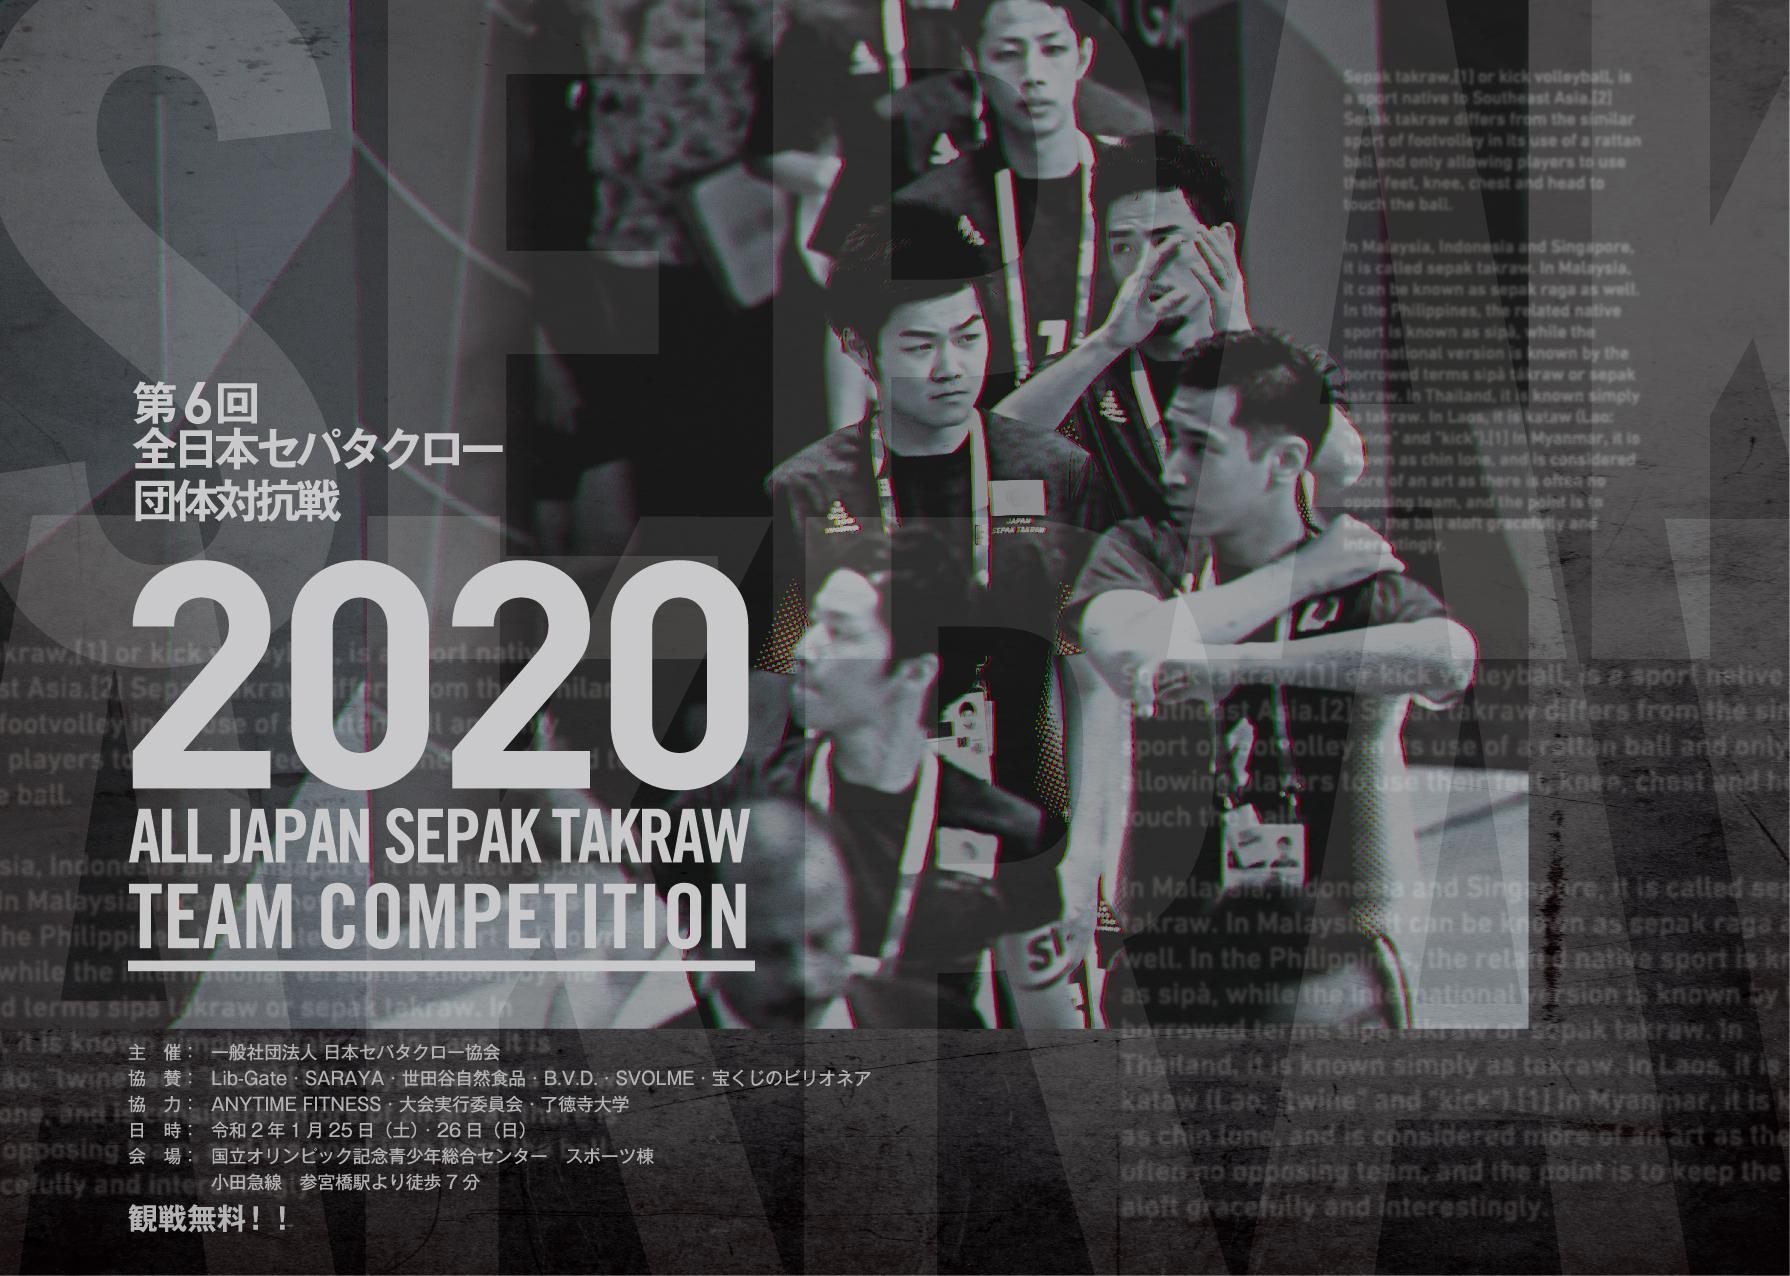 http://jstaf.jp/2020_team%20competition_kv.jpg